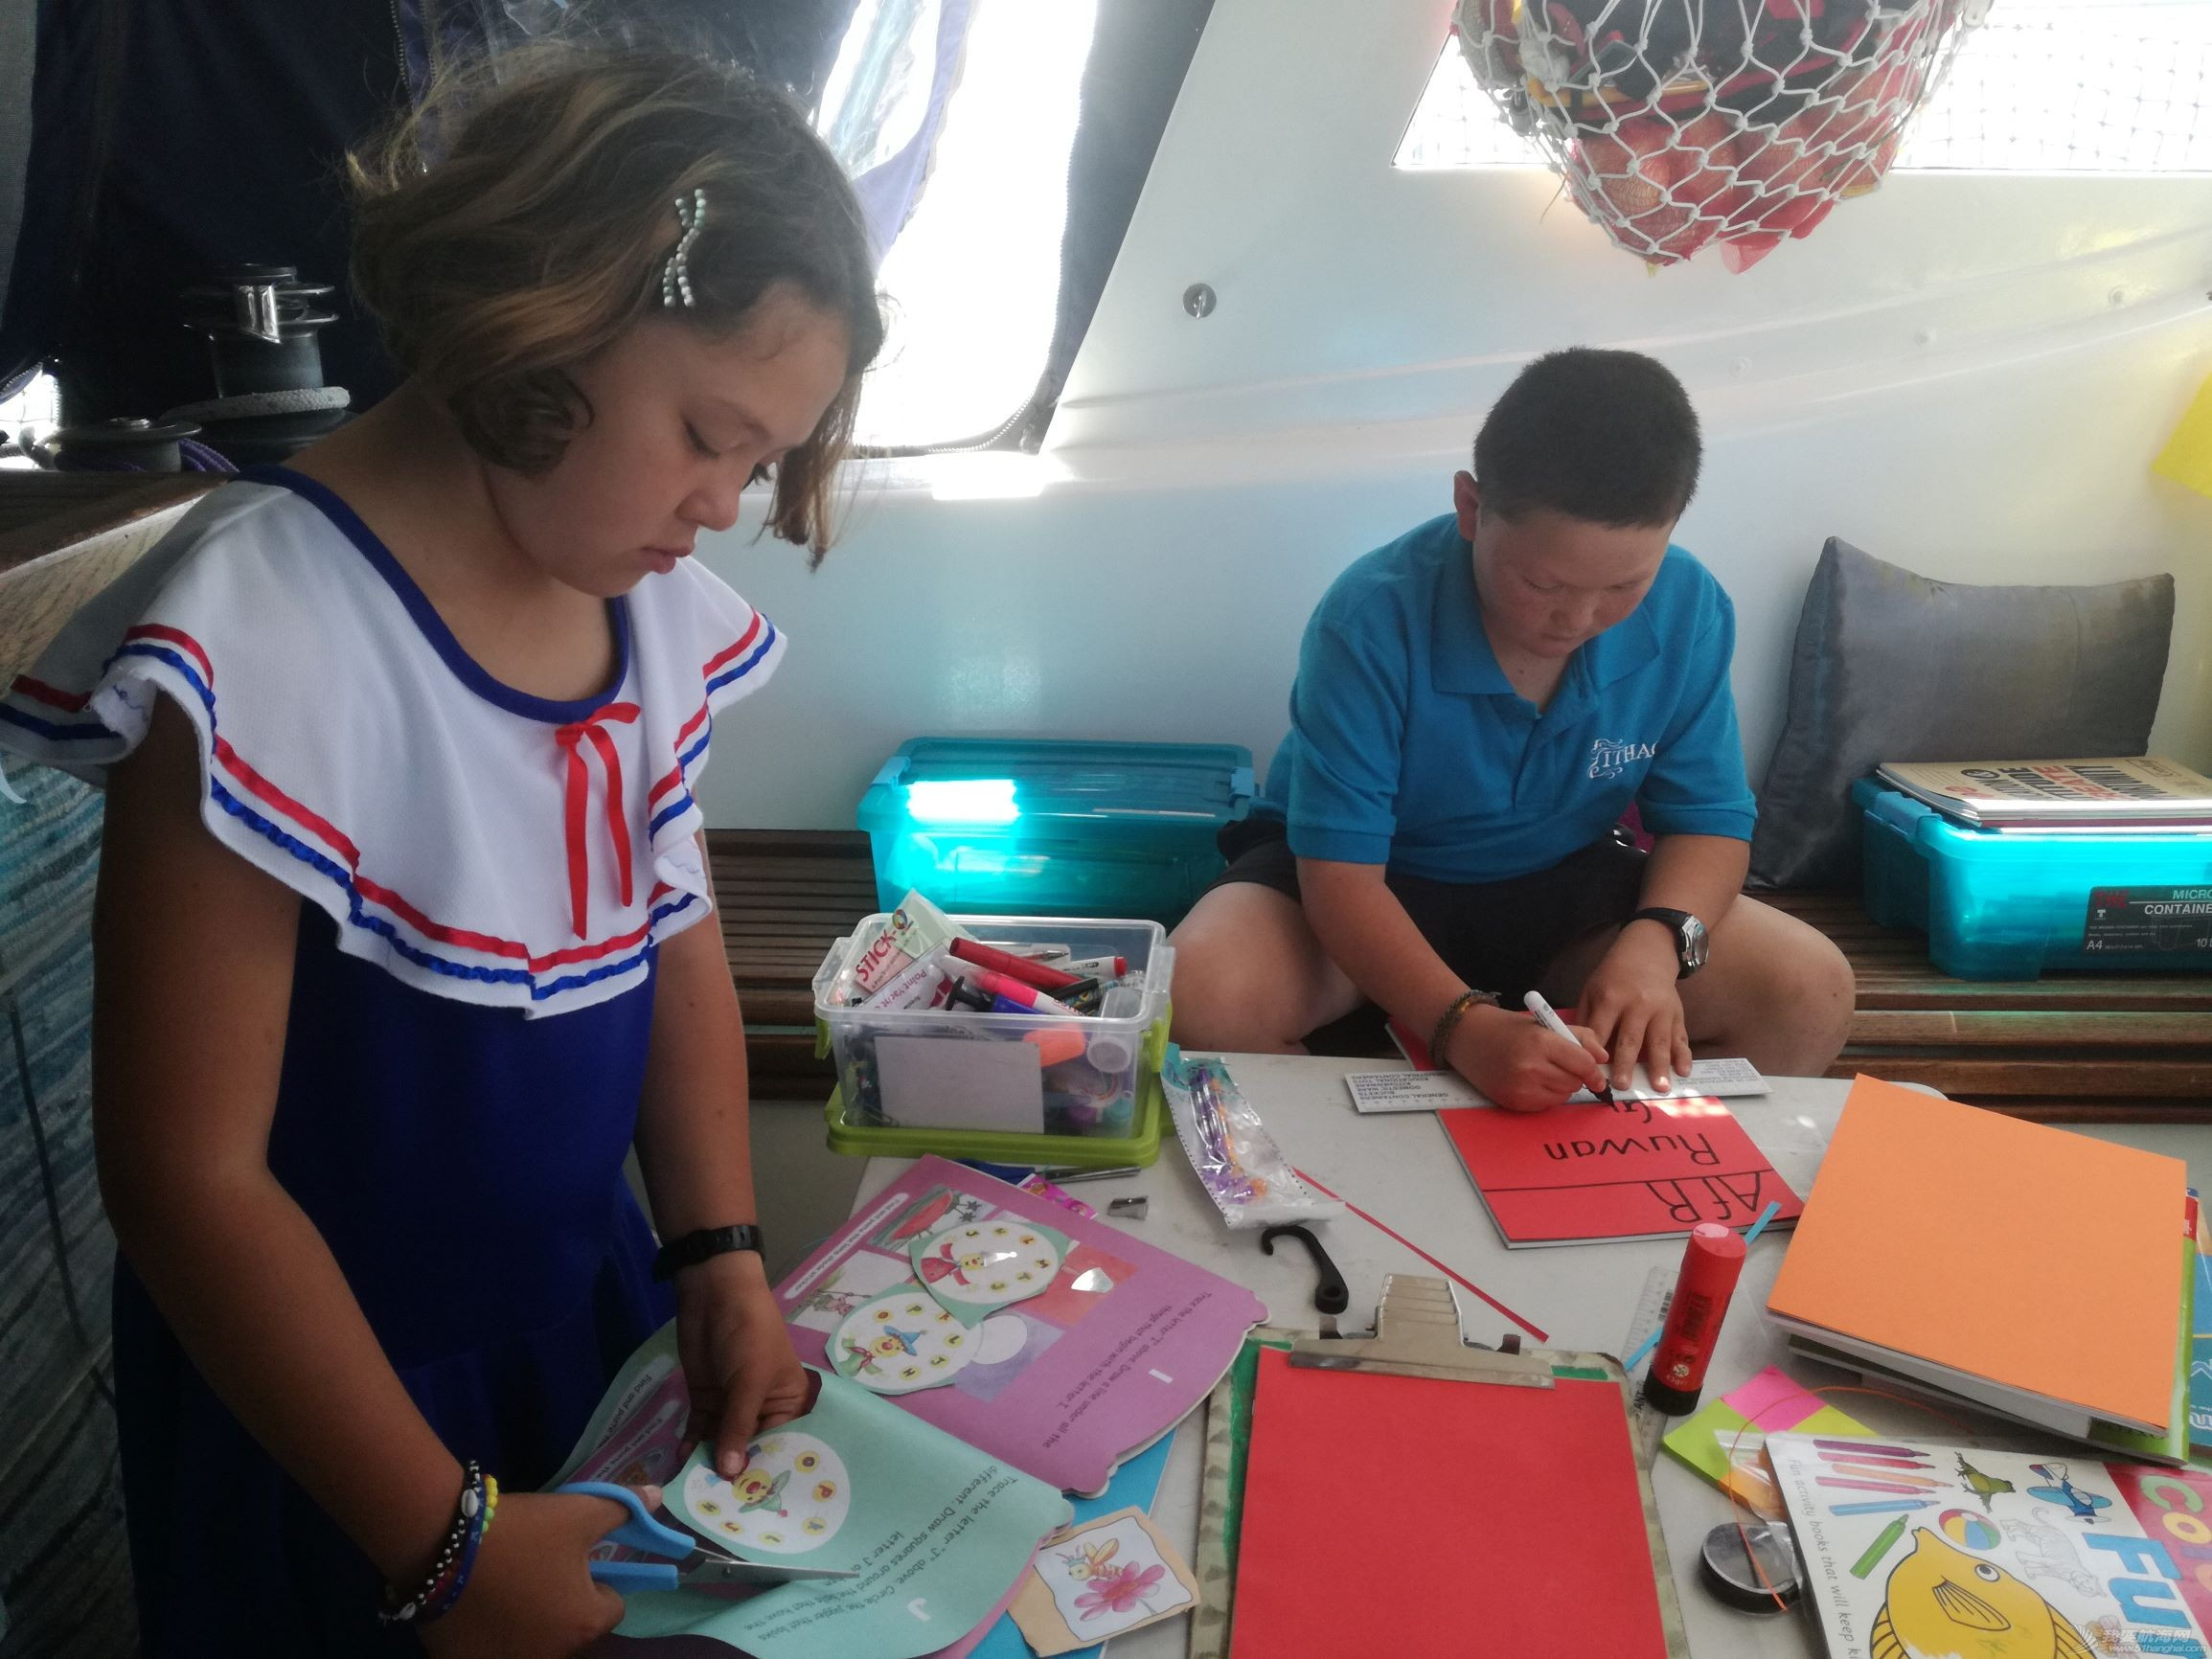 我们,帆船,俱乐部,南非,离开 ITHACA号航海 15 新年喜团聚,没有保险,也不能阻止向海洋出发 孩子准备作业本 023514msolcr9fli0xzvlc